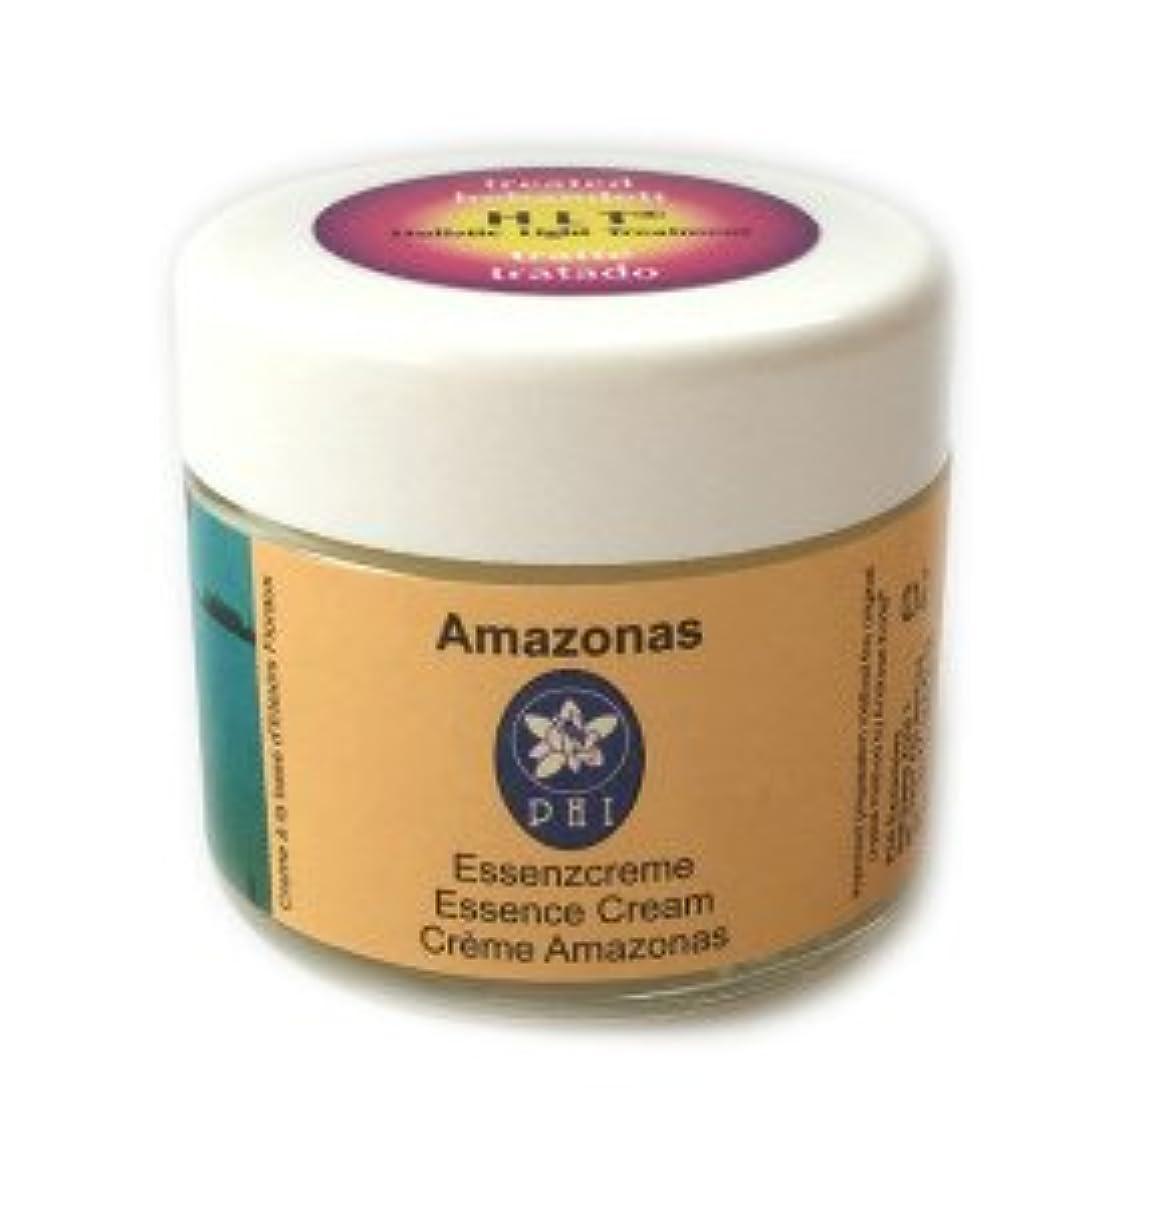 認可植物学アイスクリームコルテPHI エッセンスクリーム アマゾナスクリーム 60g +HLT 日本国内正規品